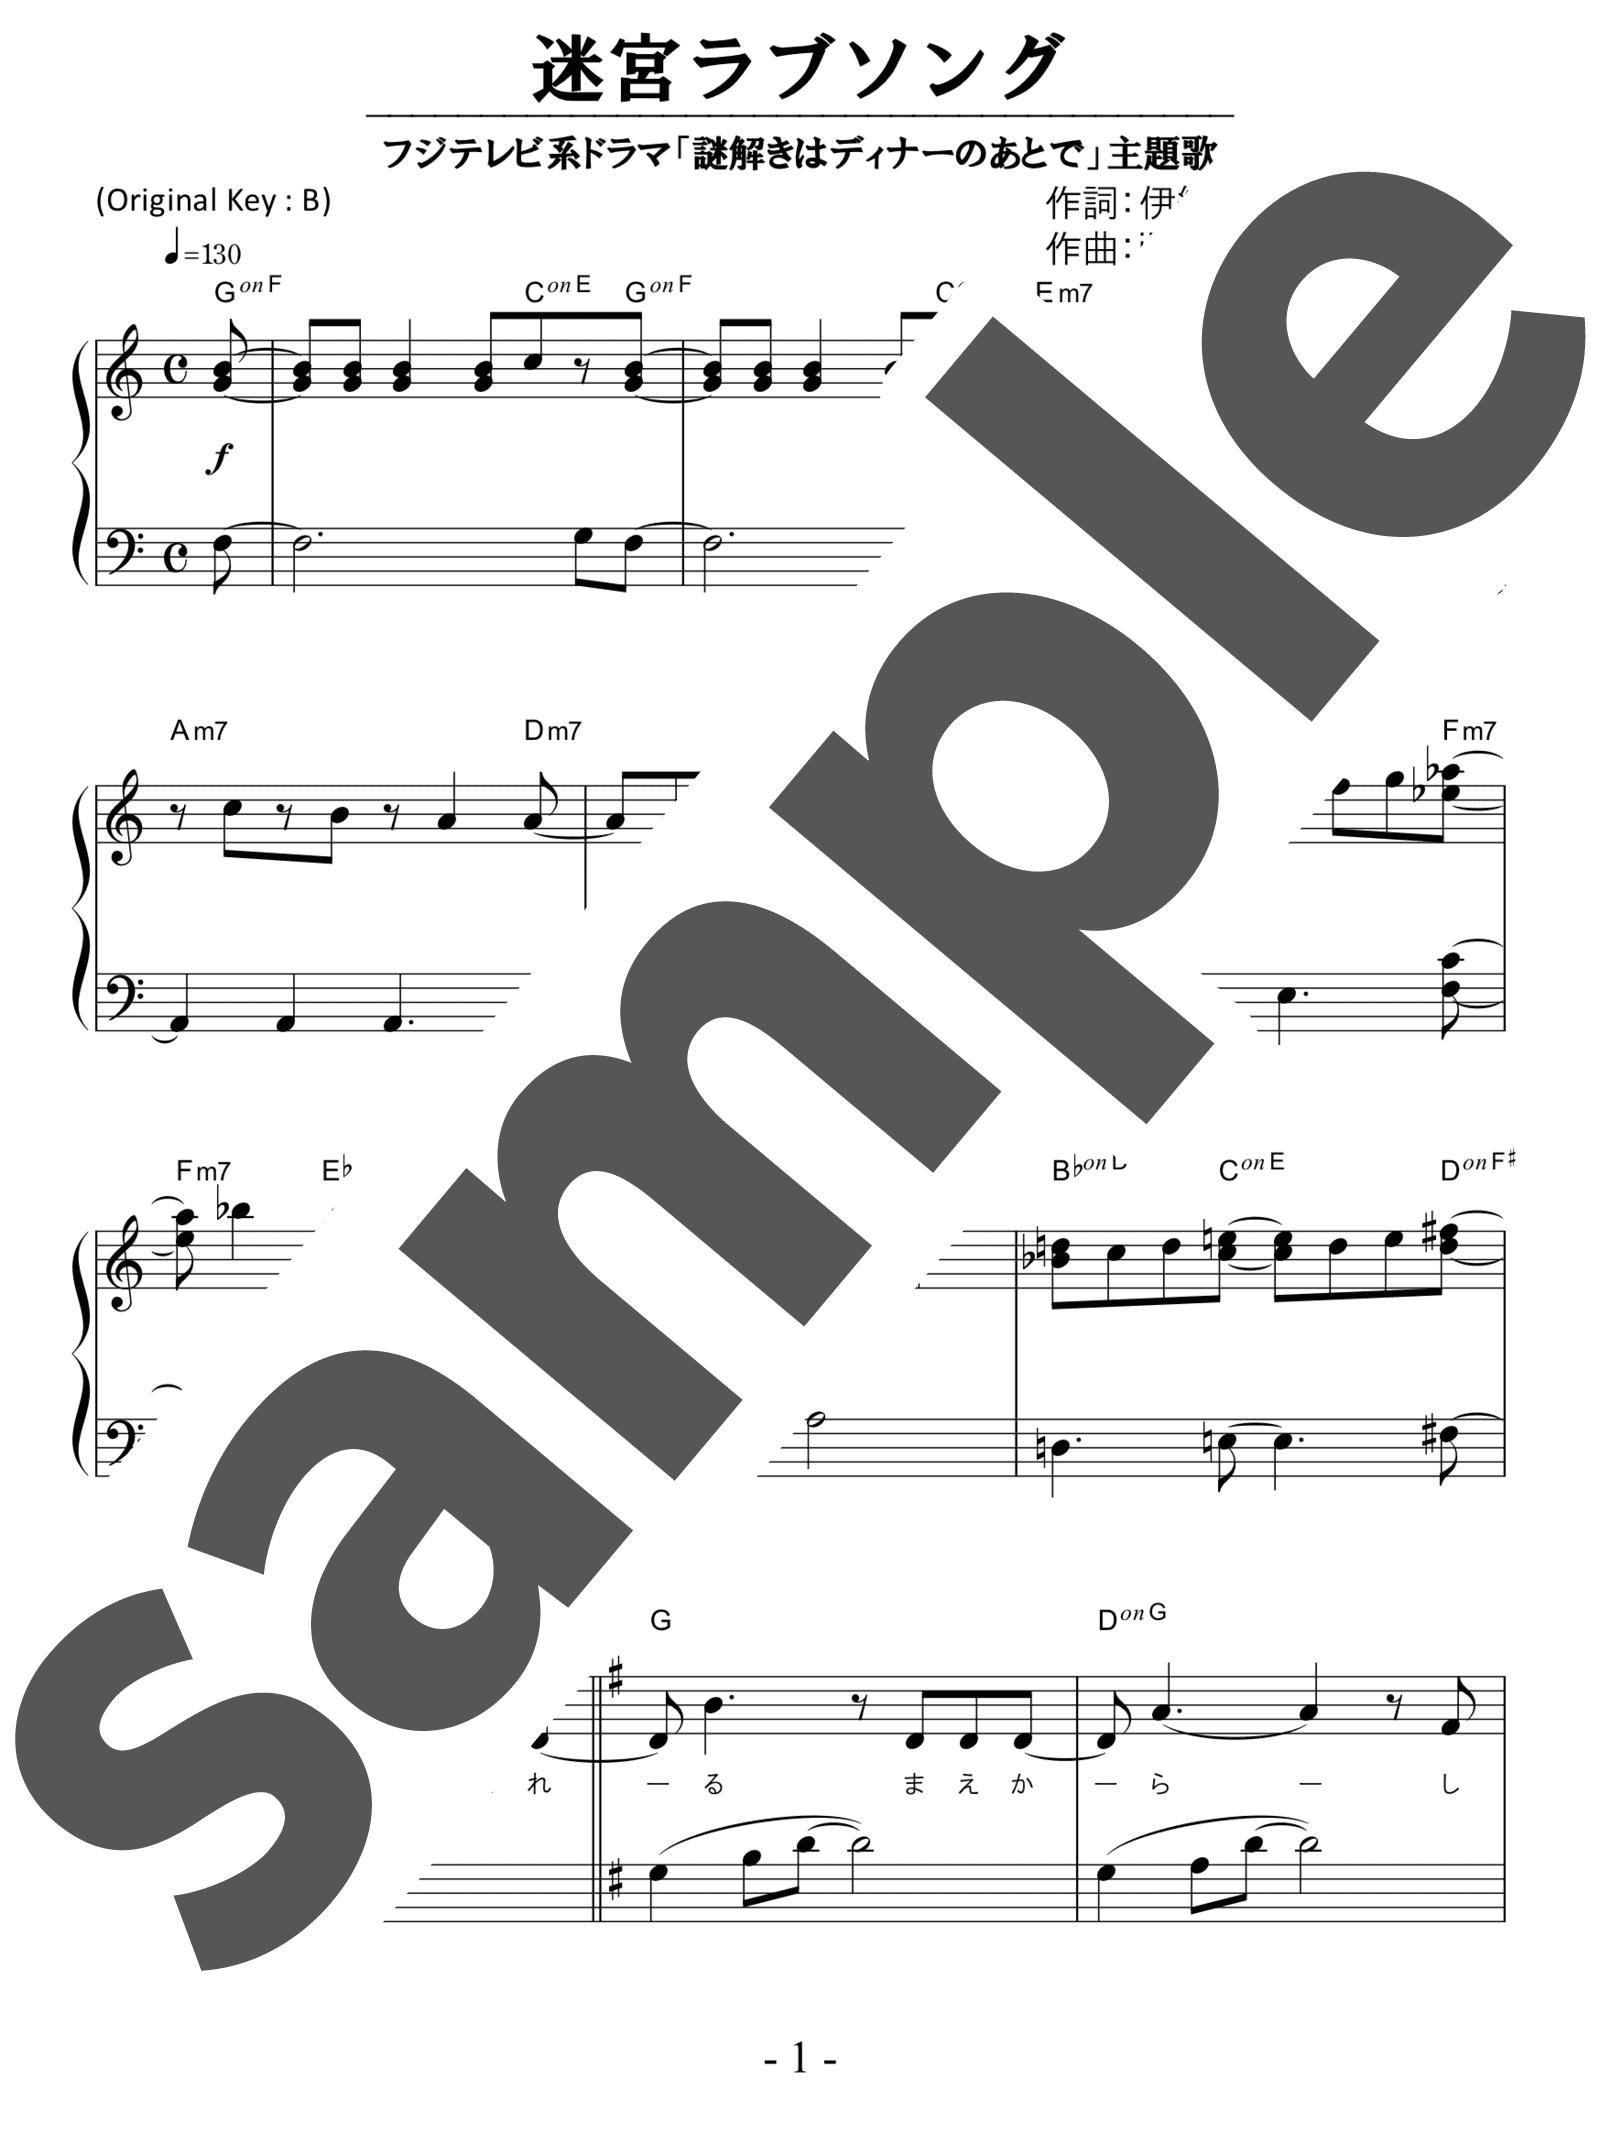 「迷宮ラブソング」のサンプル楽譜